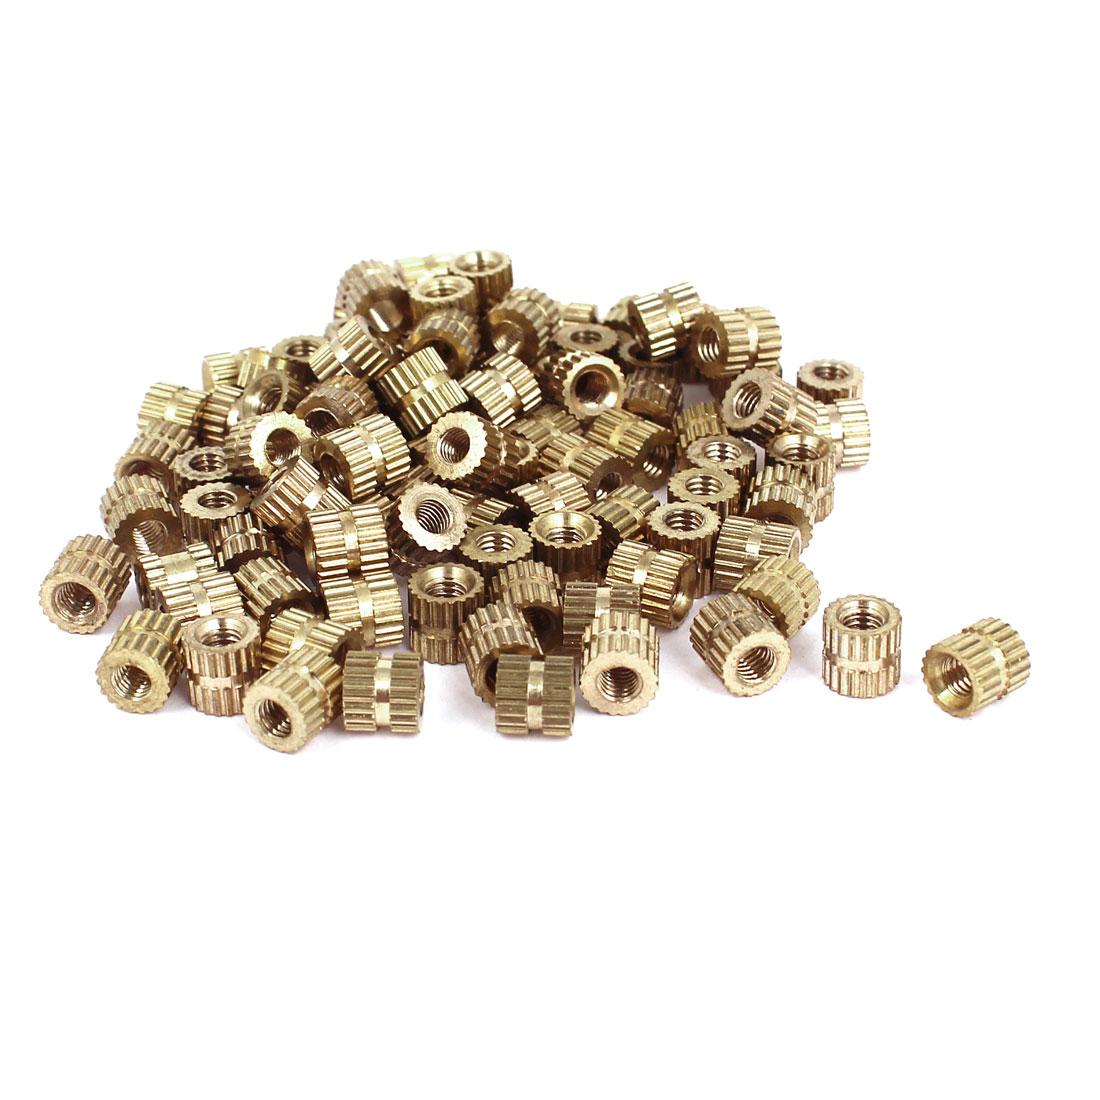 100 Pcs M3x5mm(L)-5mm(OD) Metric Threaded Brass Knurl Round Insert Nuts